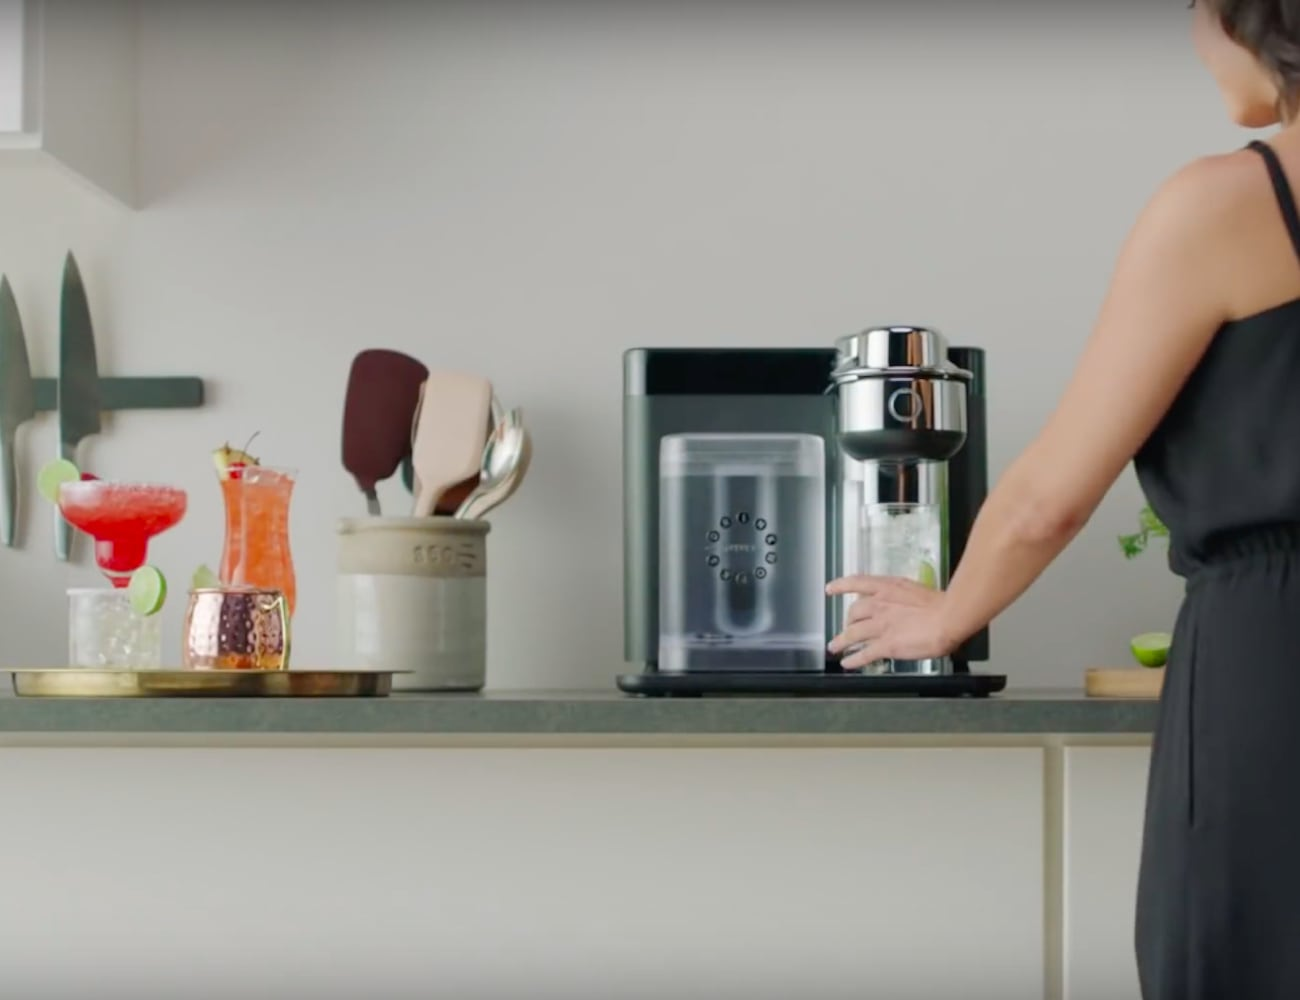 Keurig Drinkworks Drinkmaker Home Bar Machine